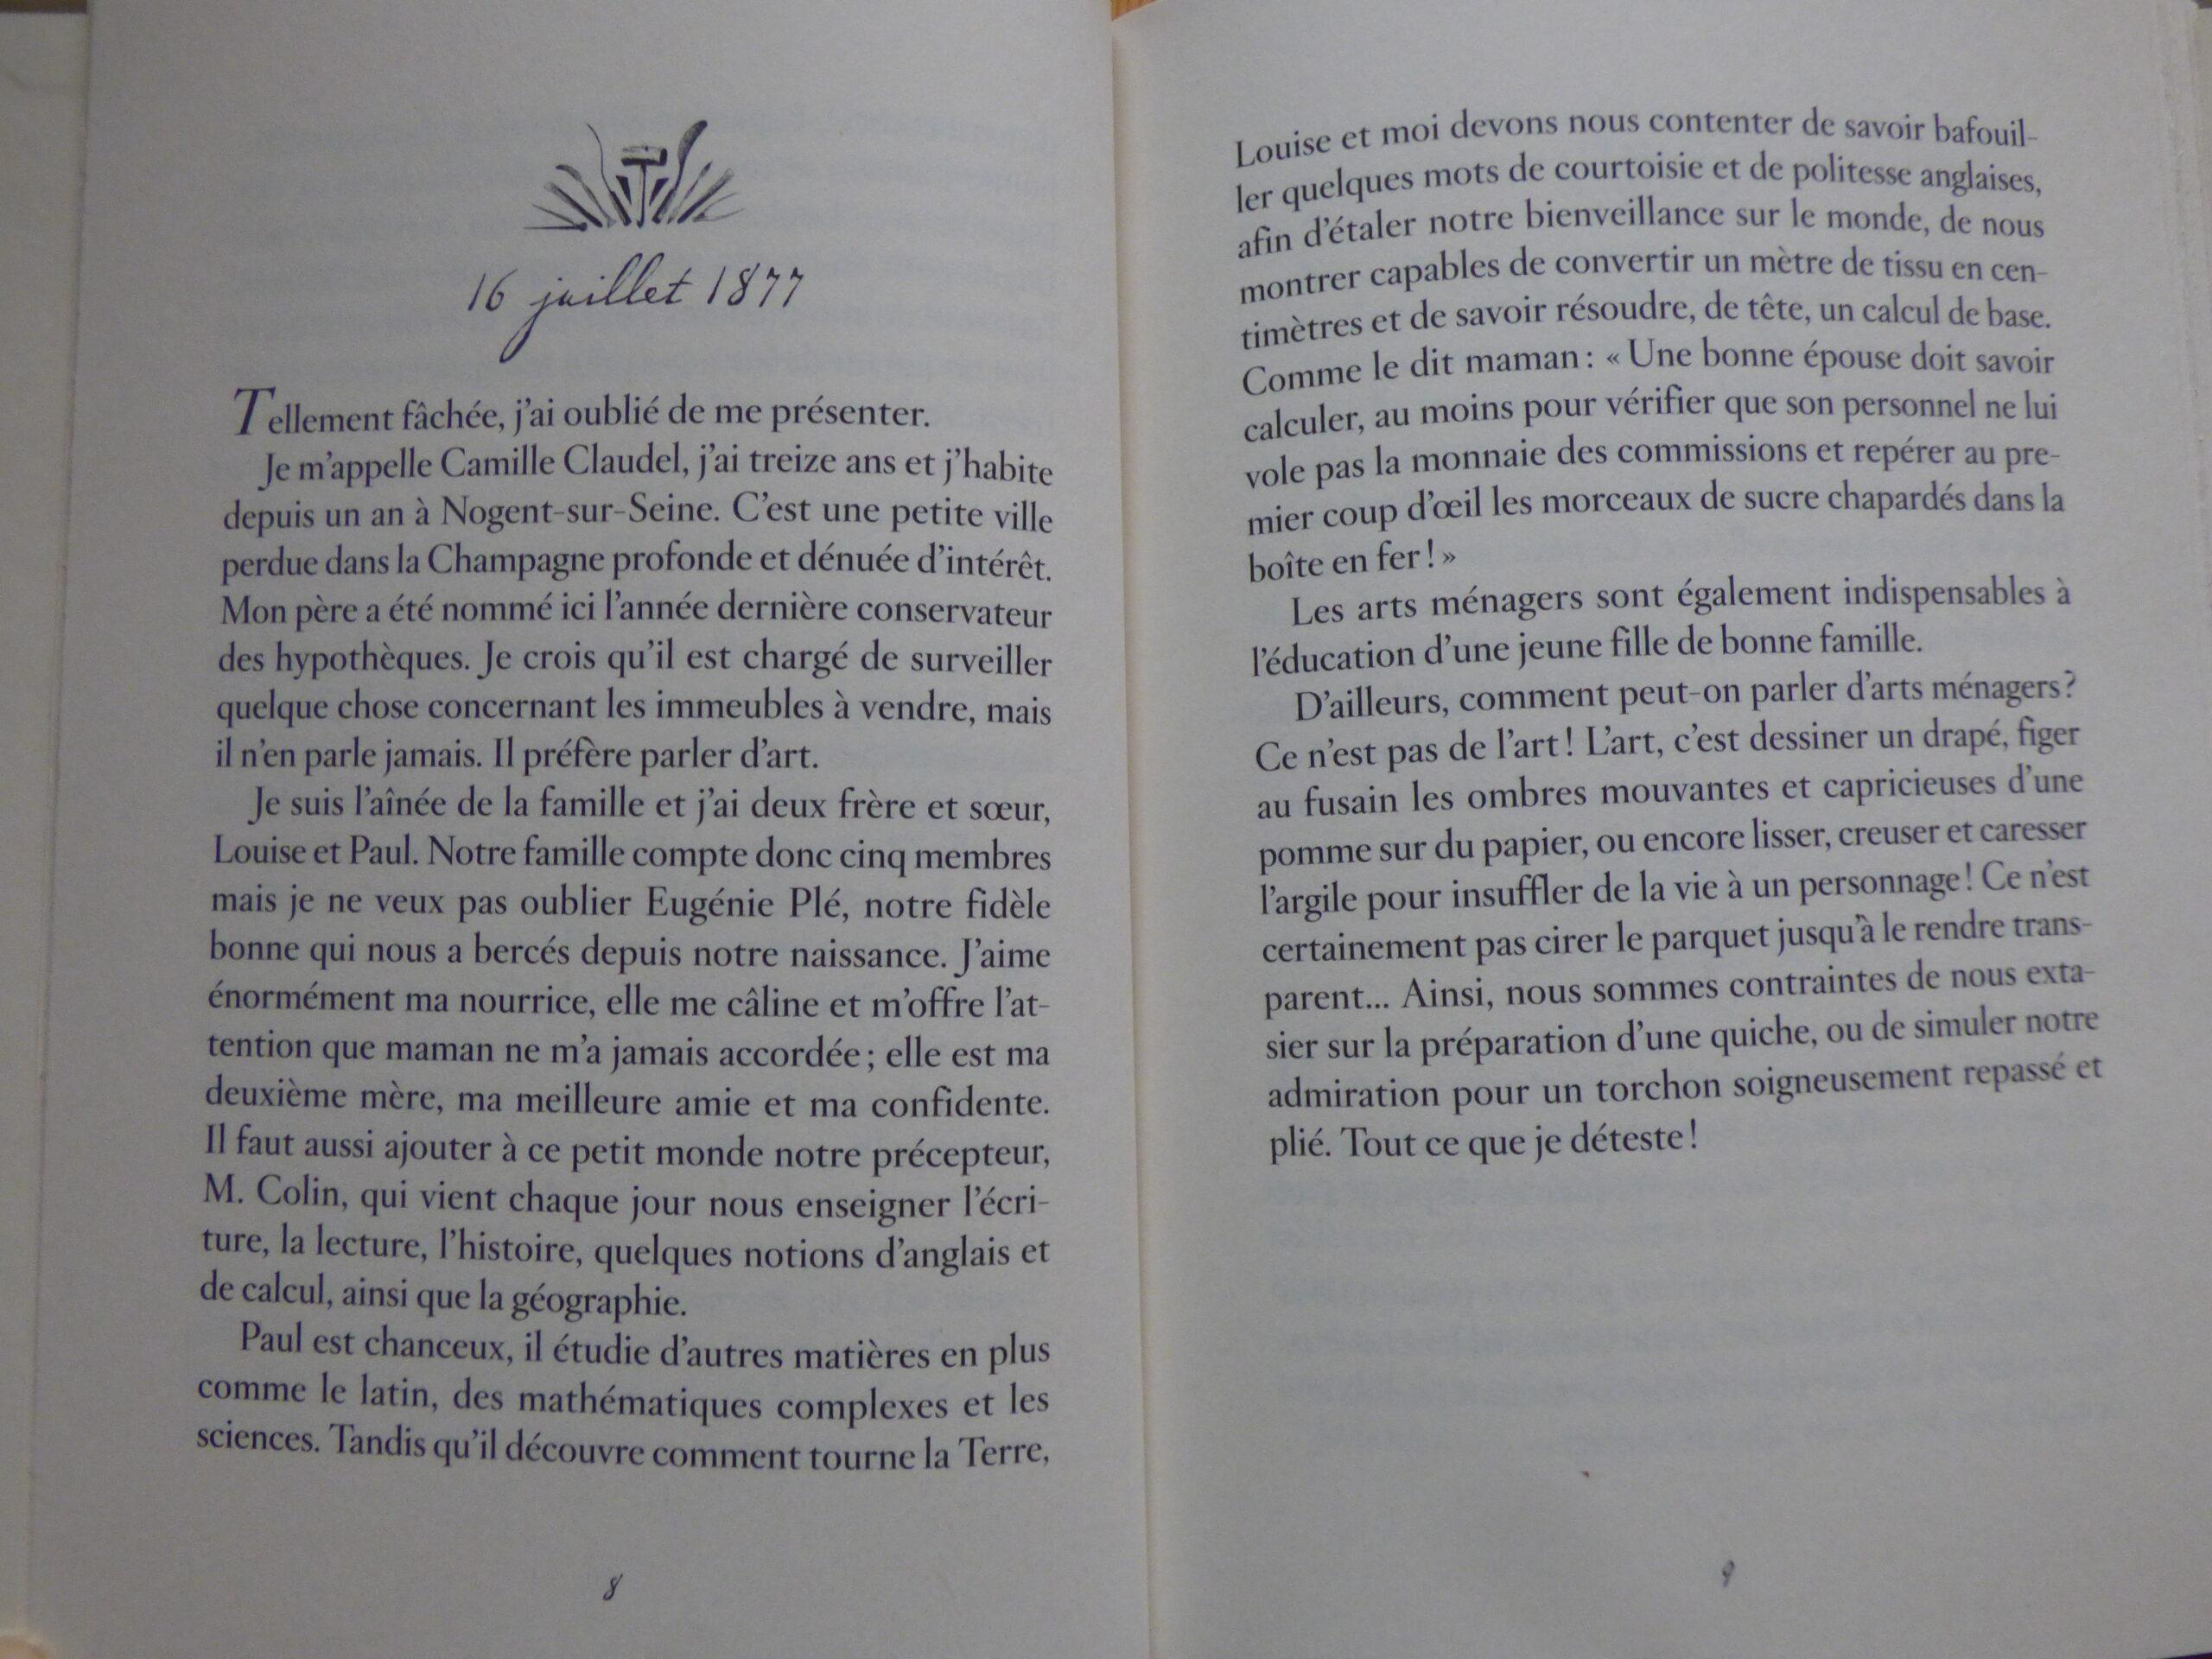 Extrait de Camille Claudel, Journal d'une apprentie sculptrice 1877-1879